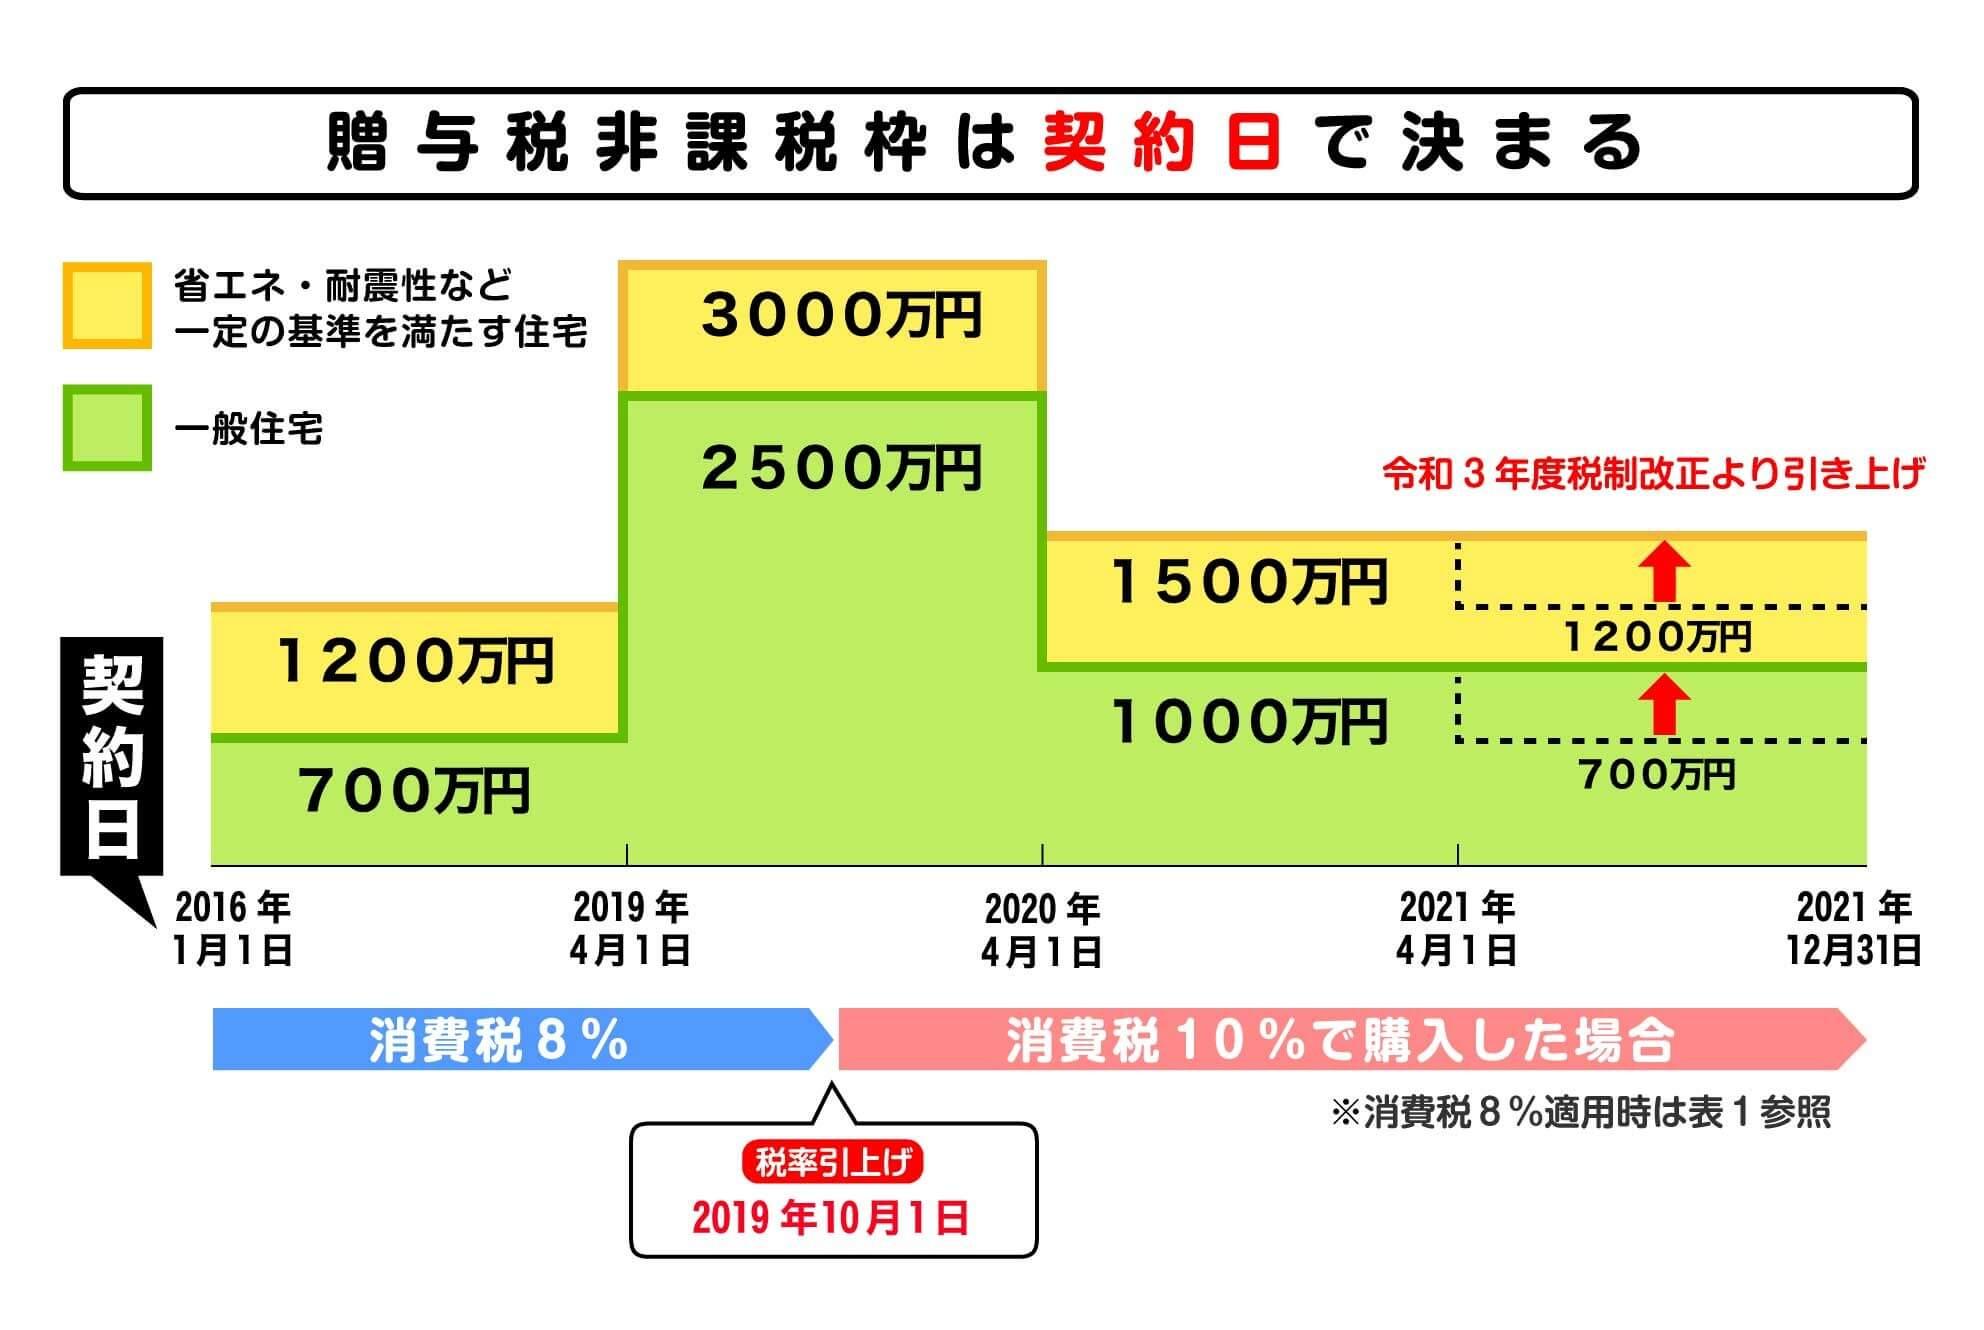 贈与税非課税枠と契約日との関係図